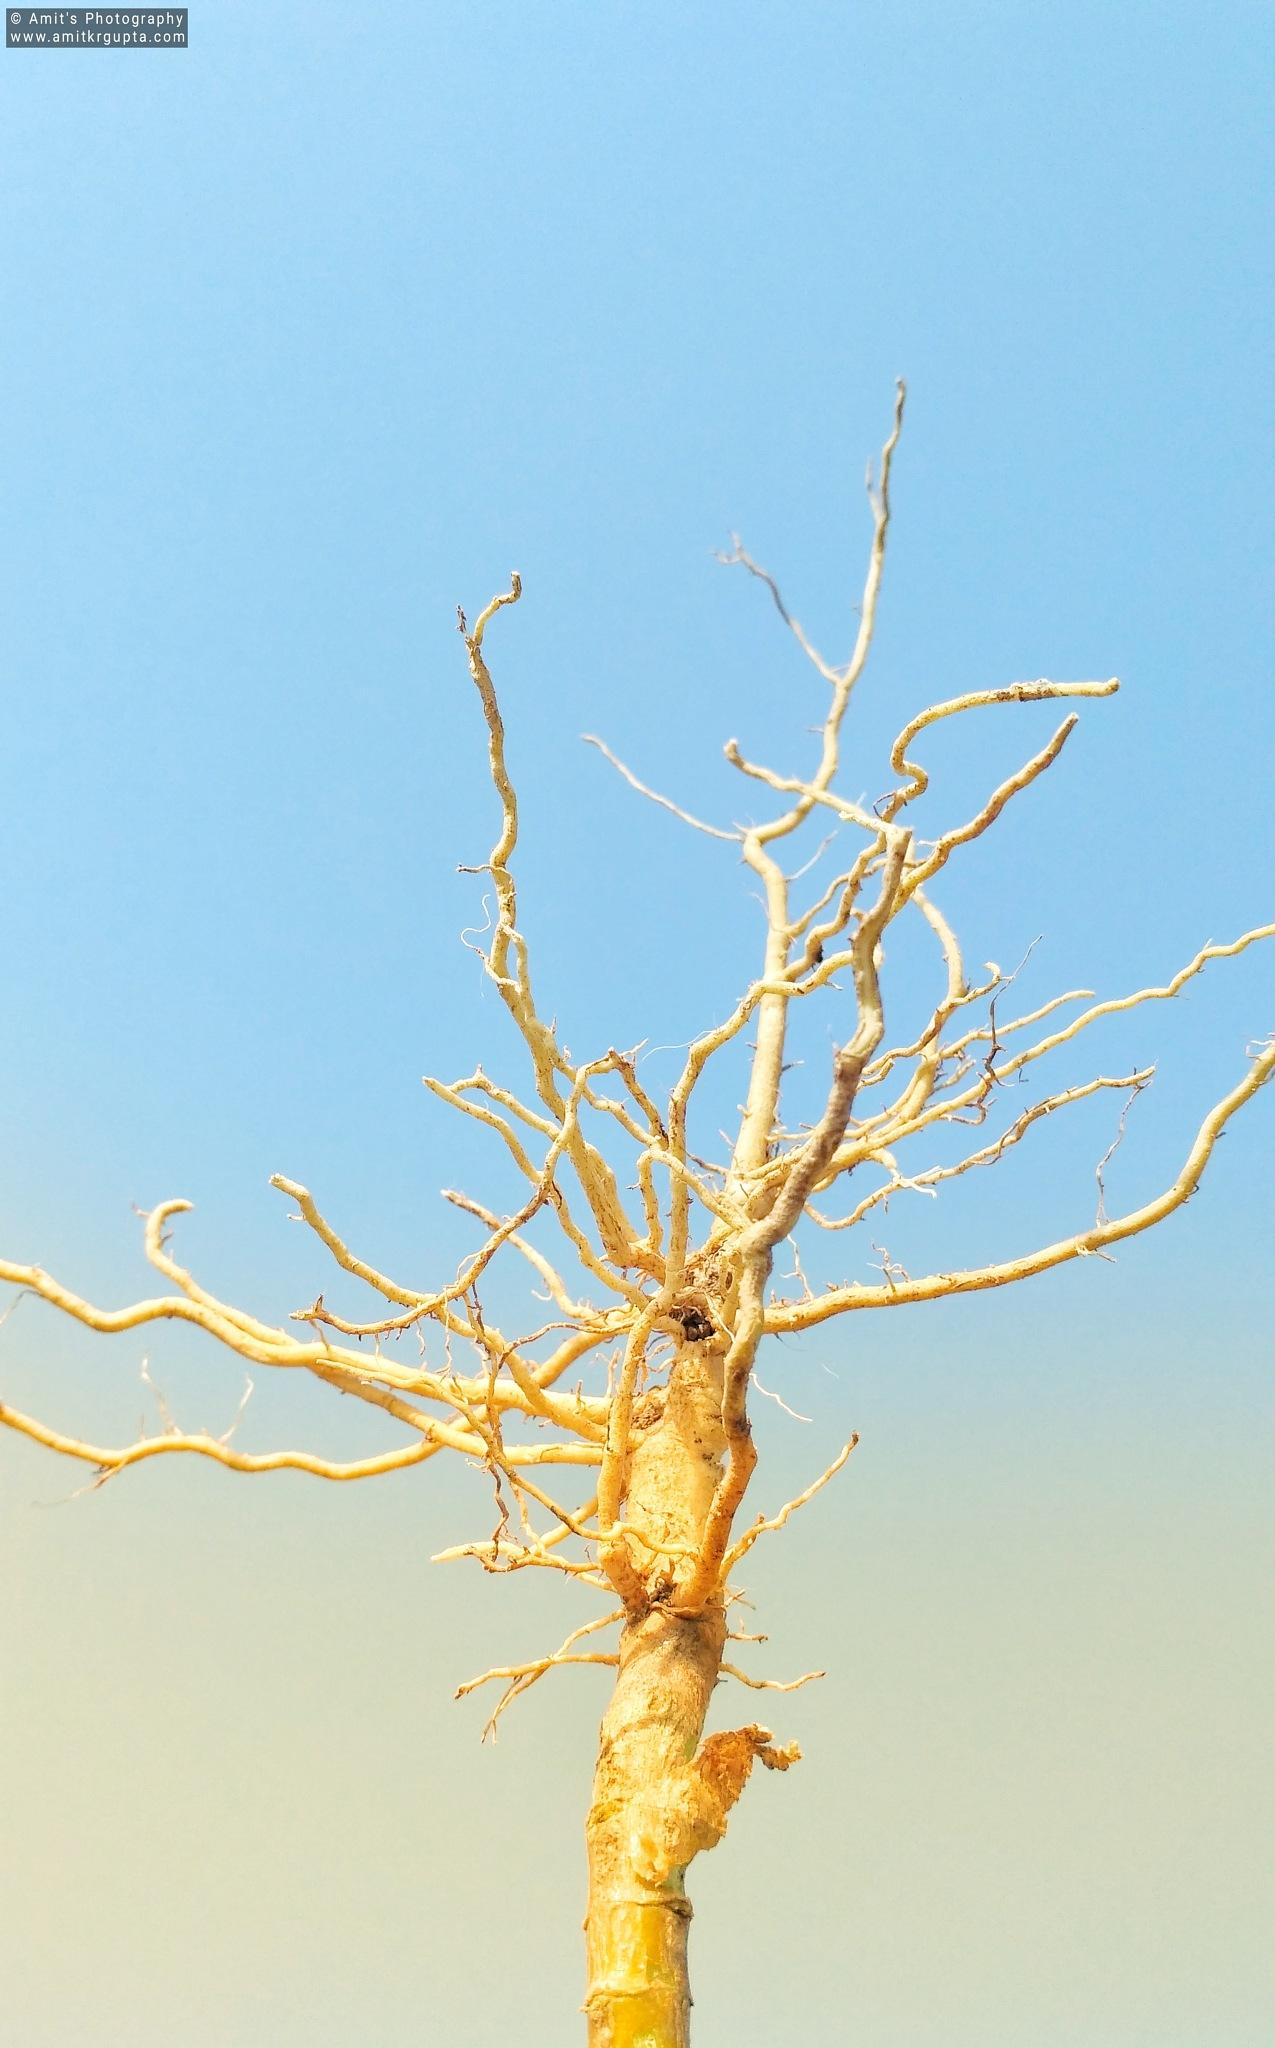 Dry Stem by AmitGupta